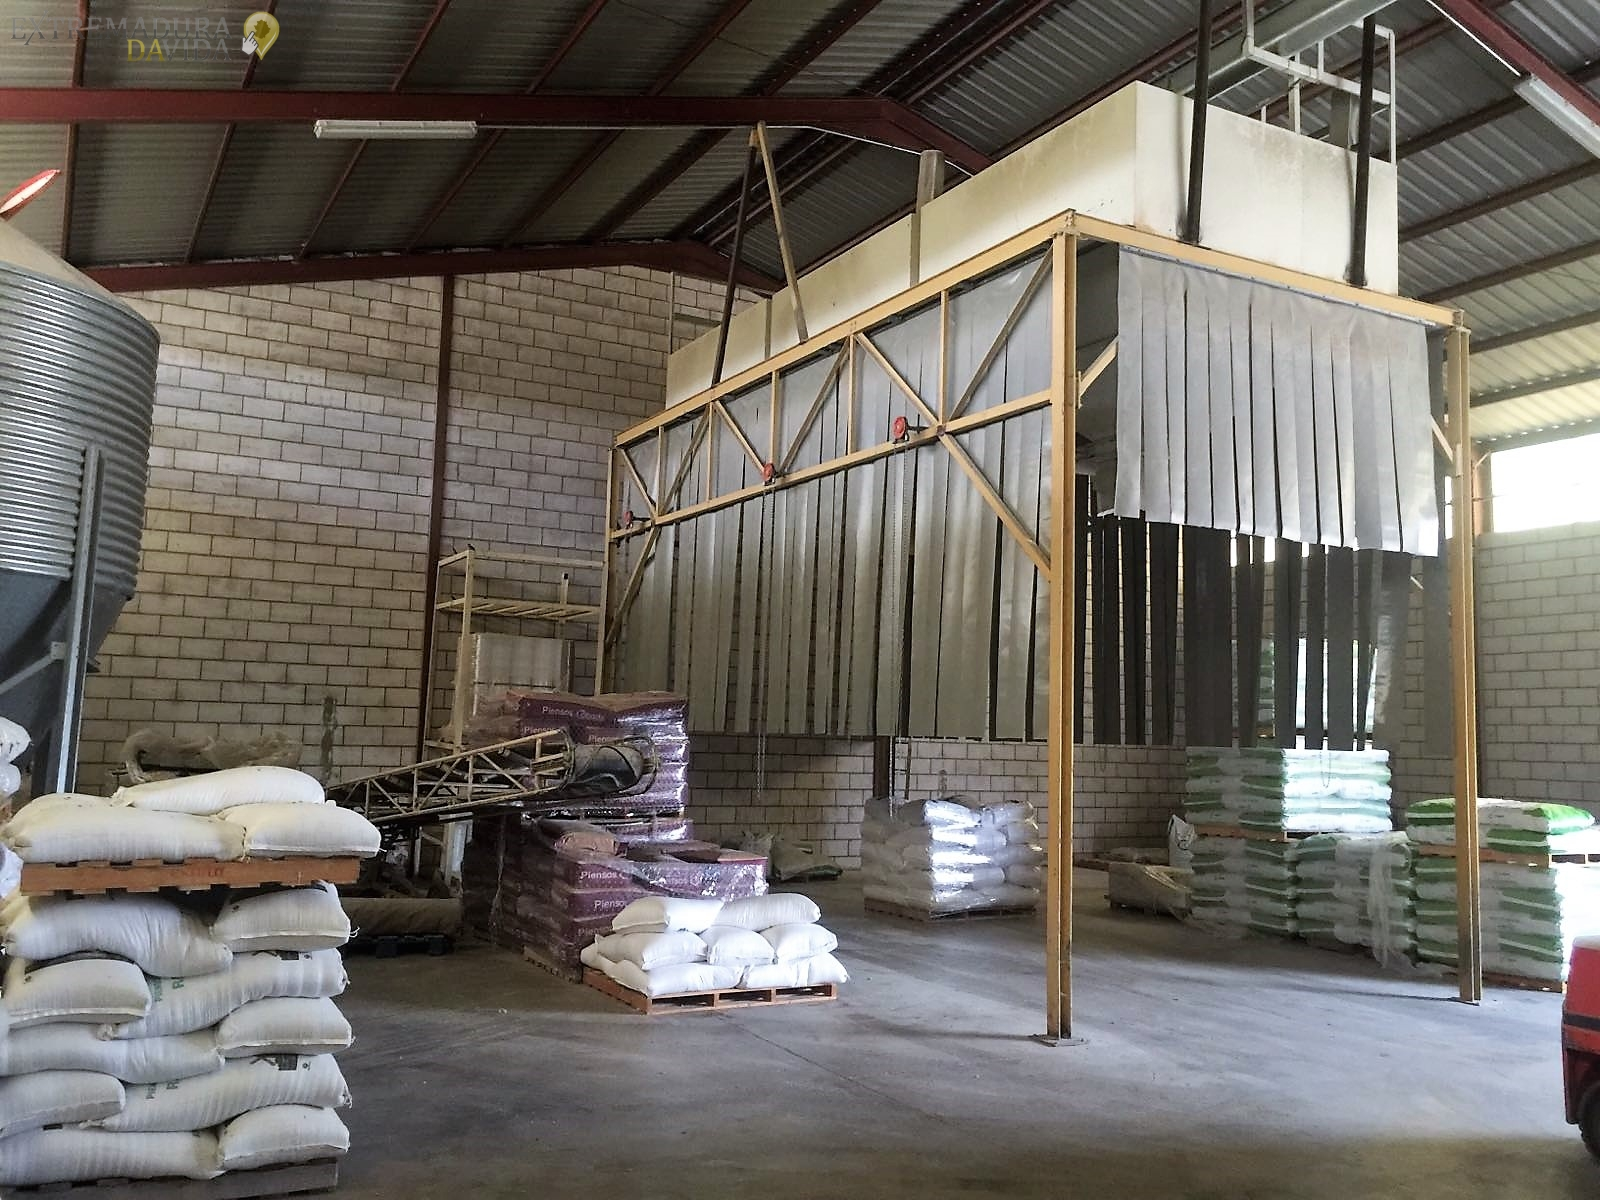 FabrIca de piensos y cereales en Monroy Rass